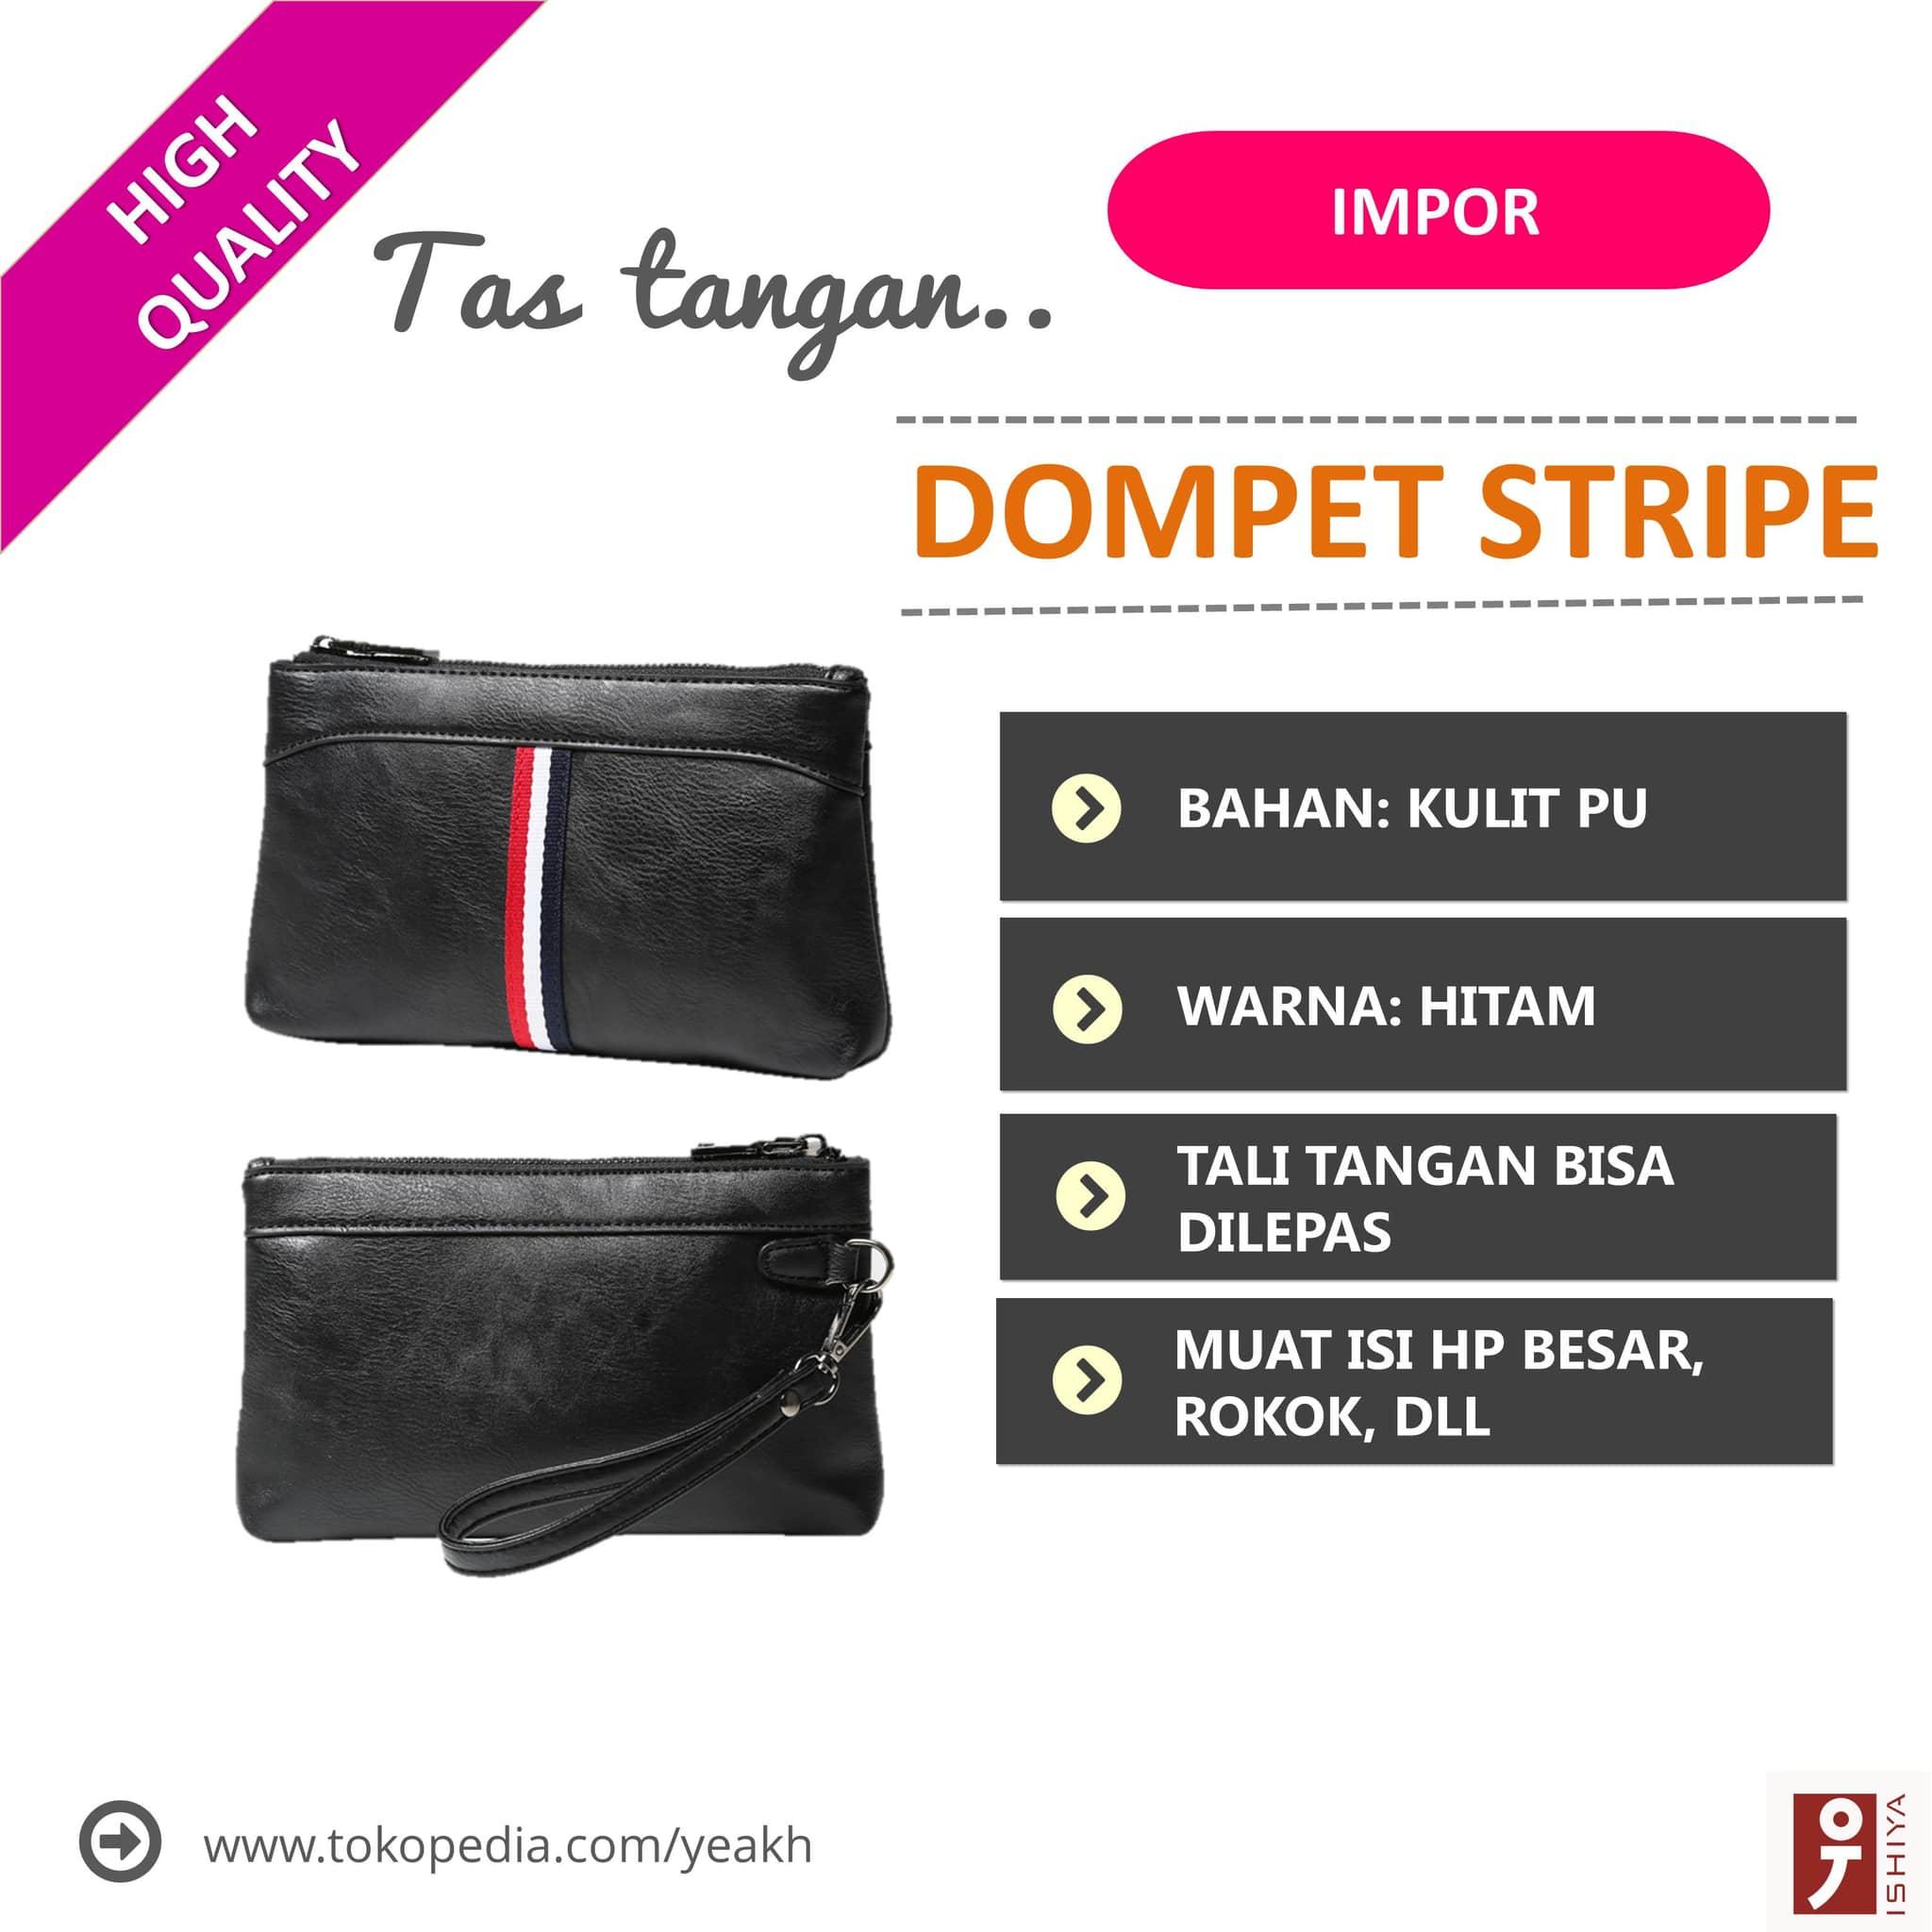 Jual Tas Tangan Pria /Hand Bag /Clutch Korea Impor Kulit Original. -STRIPE